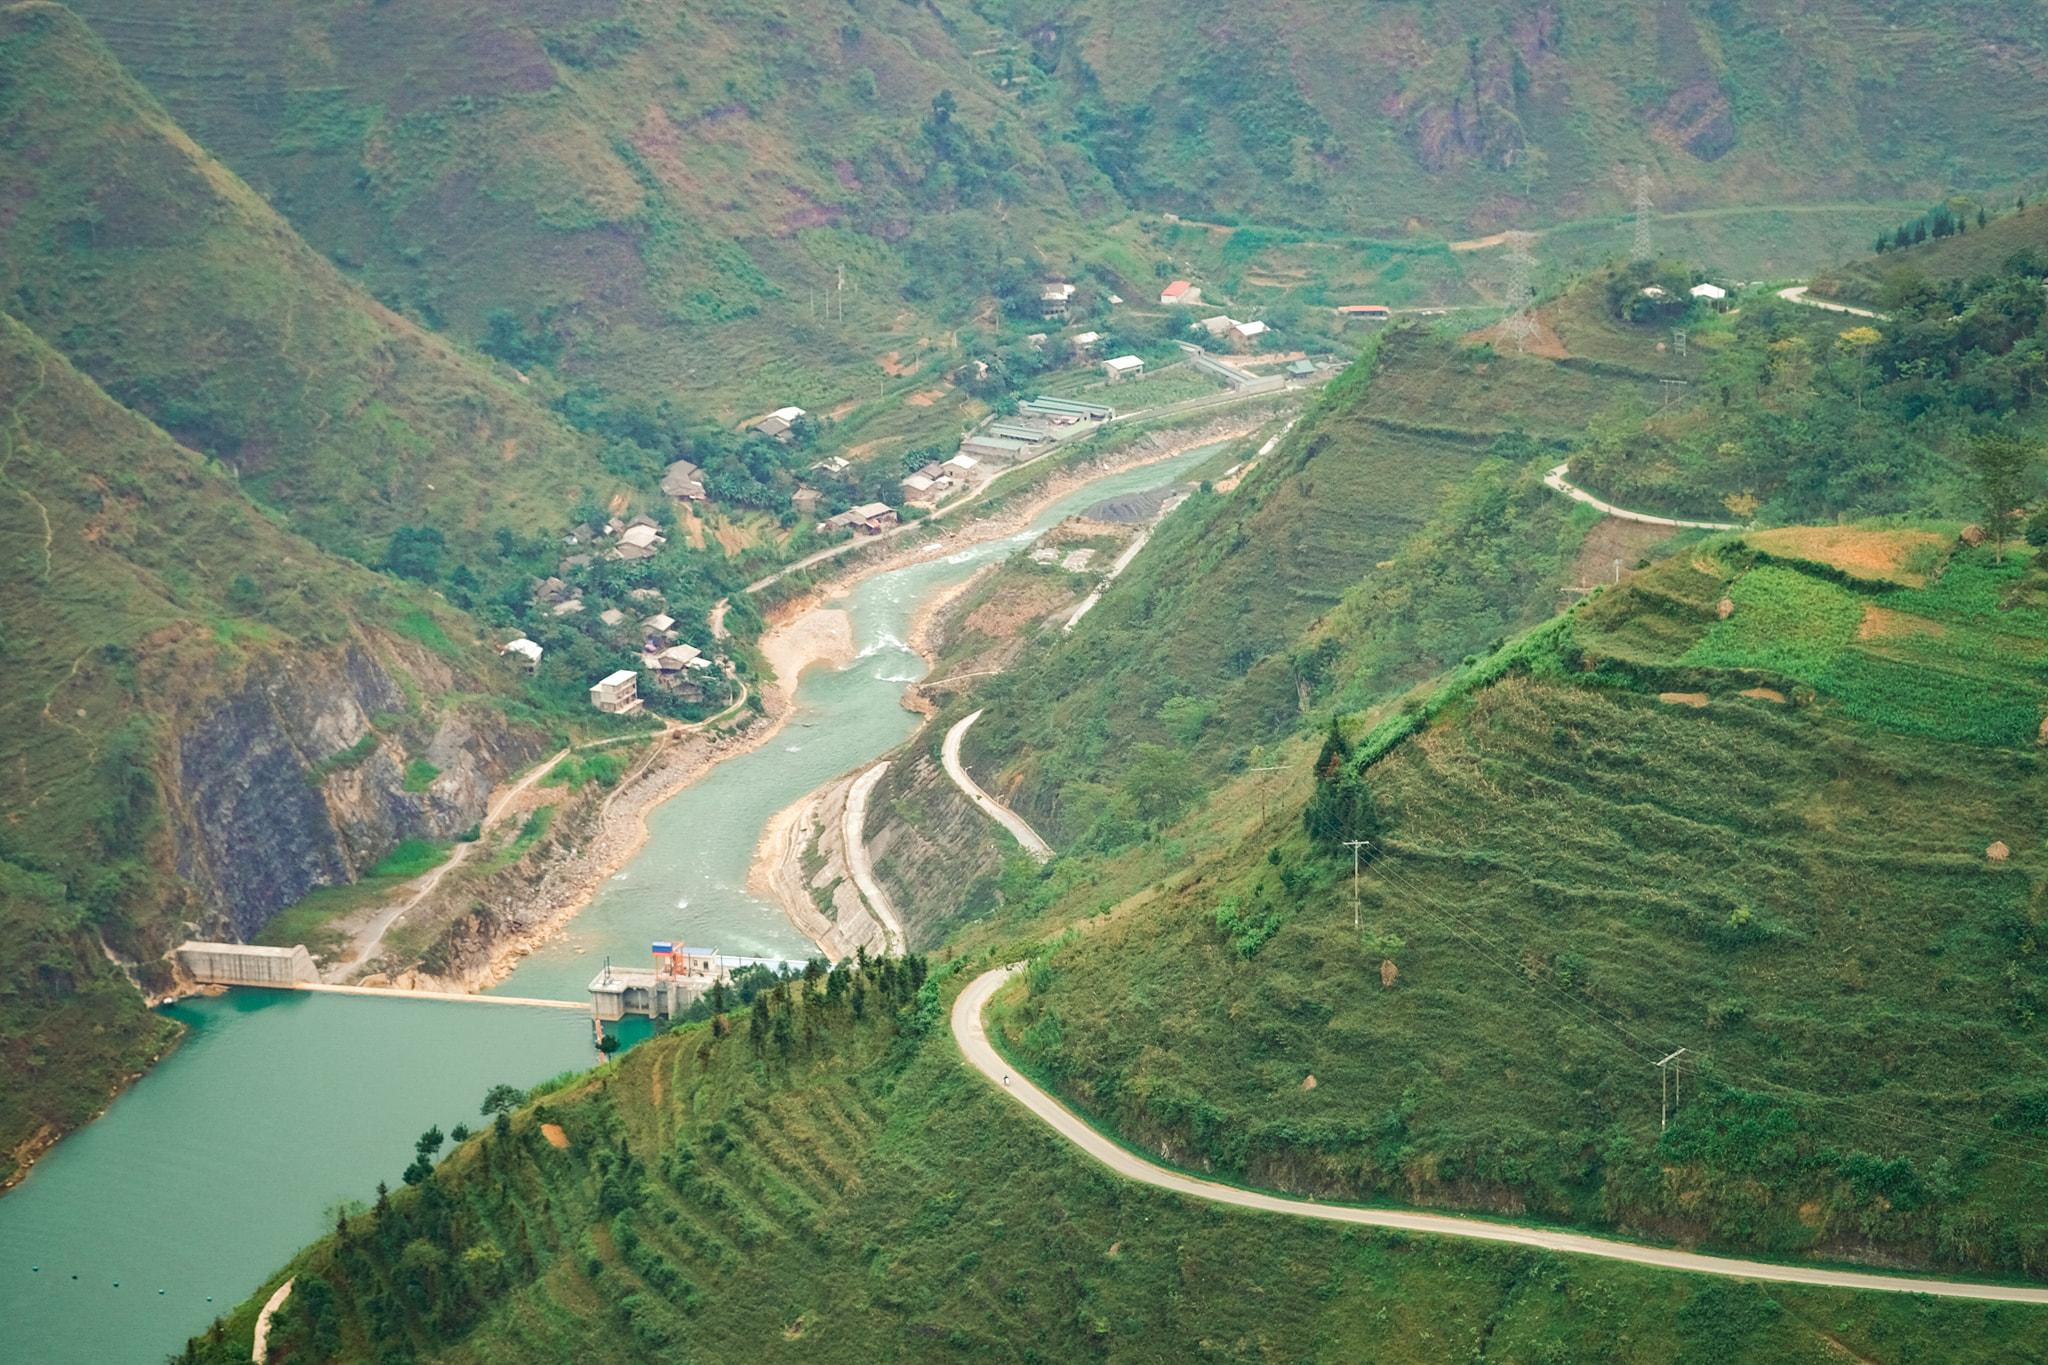 Khám phá Mã Pí Lèng, một trong 'tứ đại đỉnh đèo' của Việt Nam  - Ảnh 4.